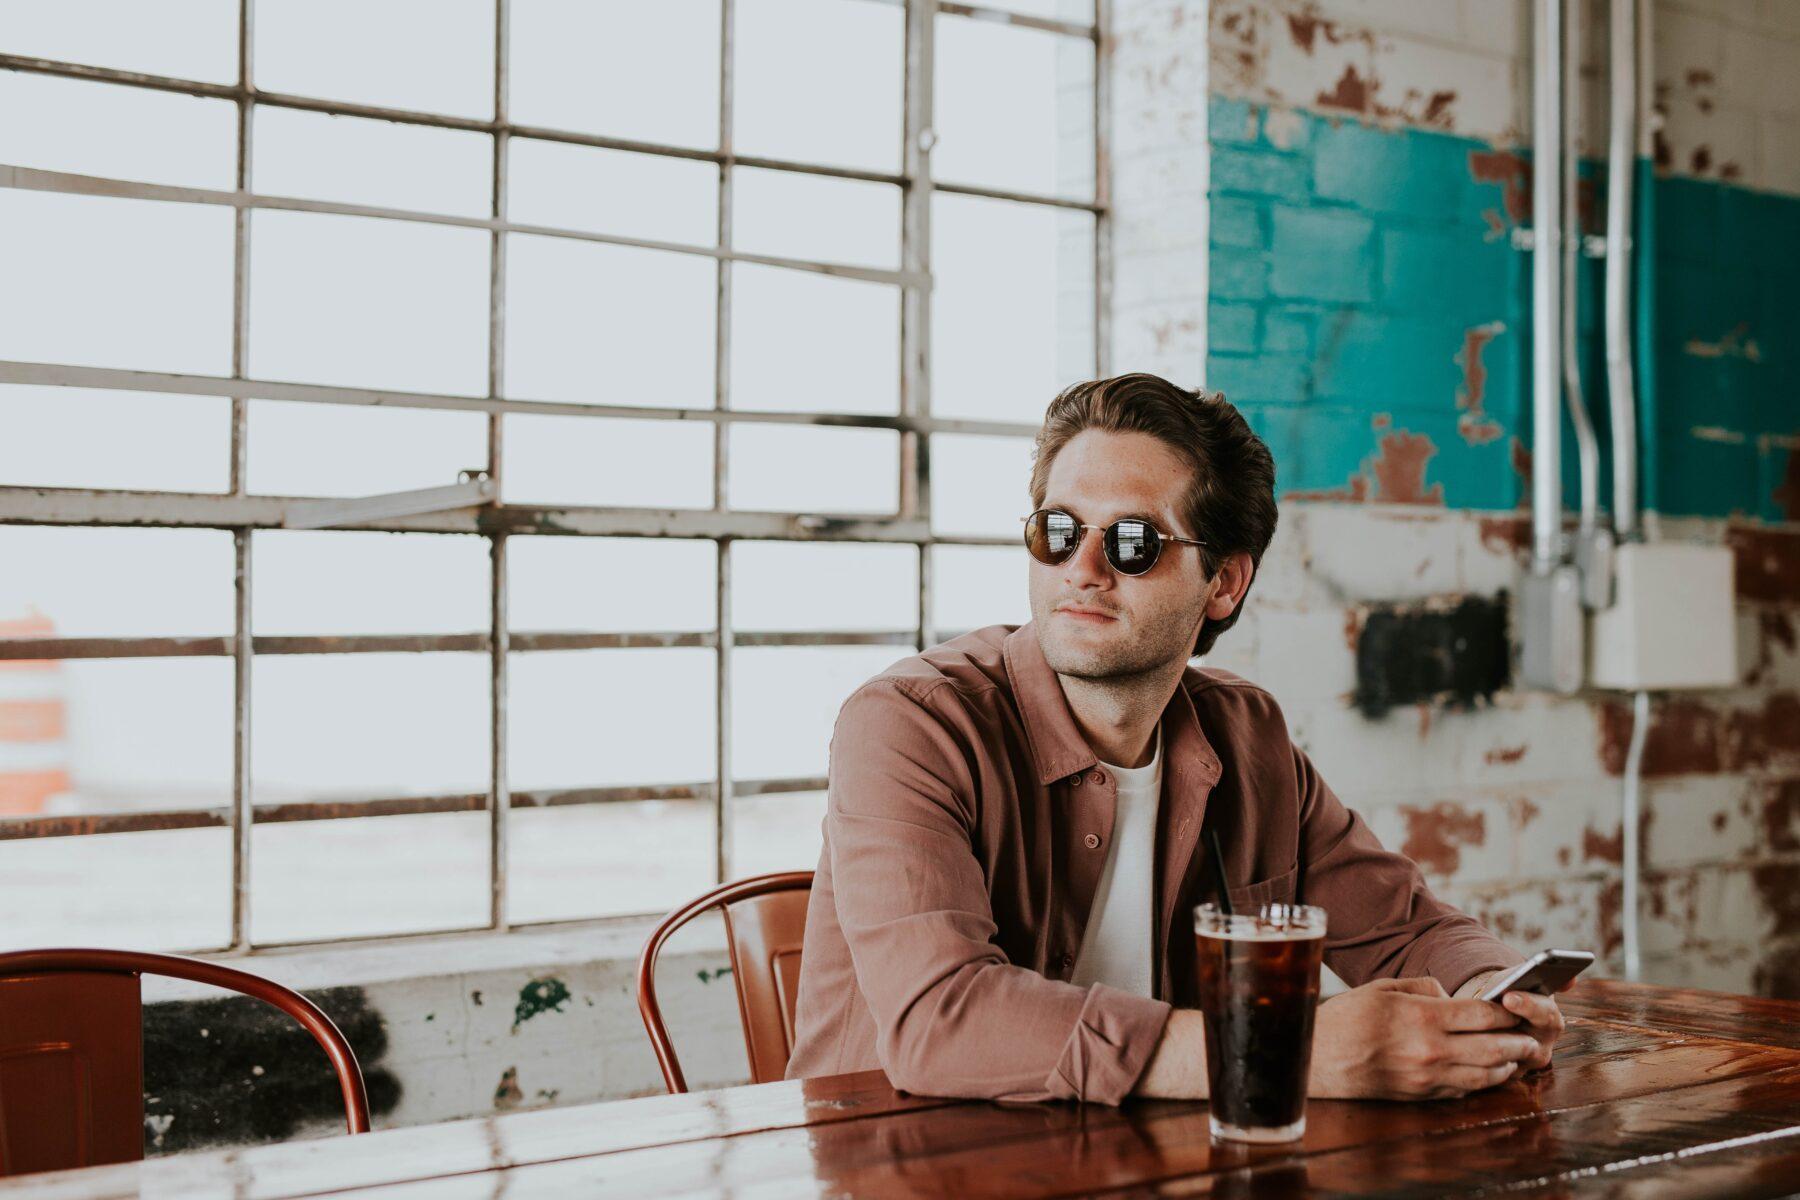 đàn ông xử nữ khi yêu - chàng trai cầm điện thoại trong quán cà phê